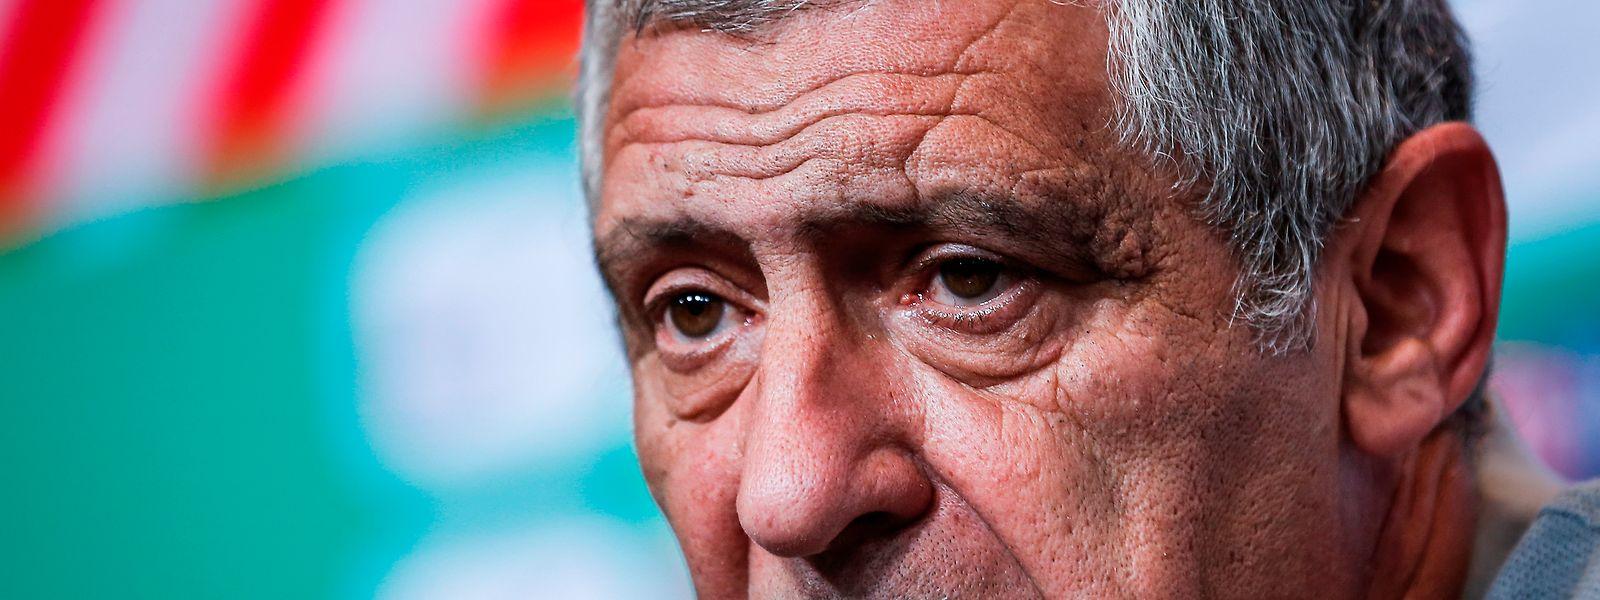 Frente aos sérvios, Fernando Santos quer ver uma seleção portuguesa mais agressiva no momento ofensivo e a criar ainda mais pressão sobre os seus adversários.